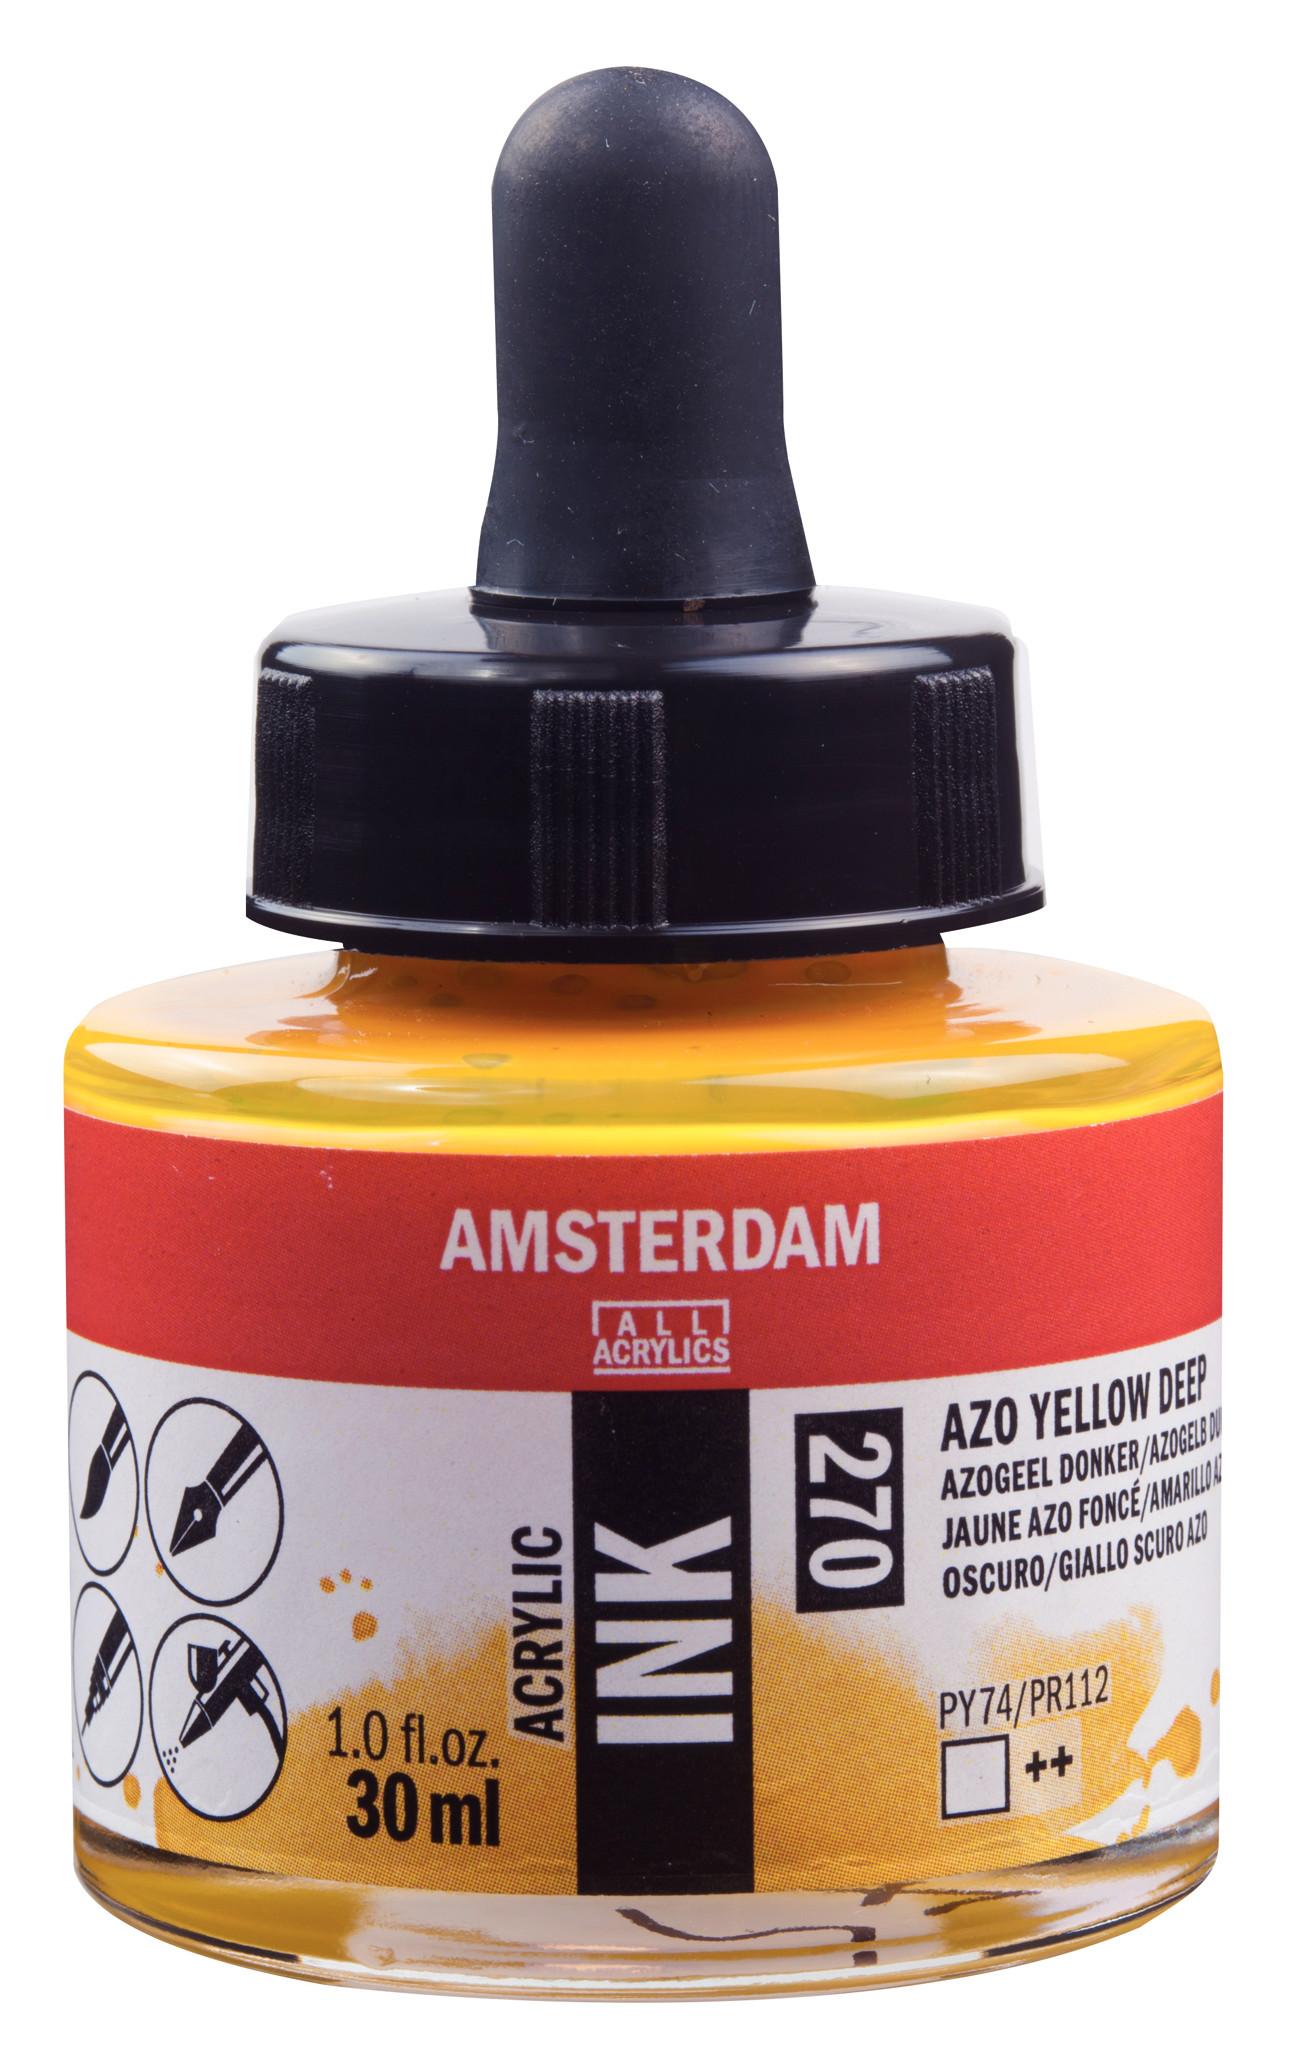 Amsterdam Acrylic Ink Bottle 30 ml Azo Yellow Deep 270